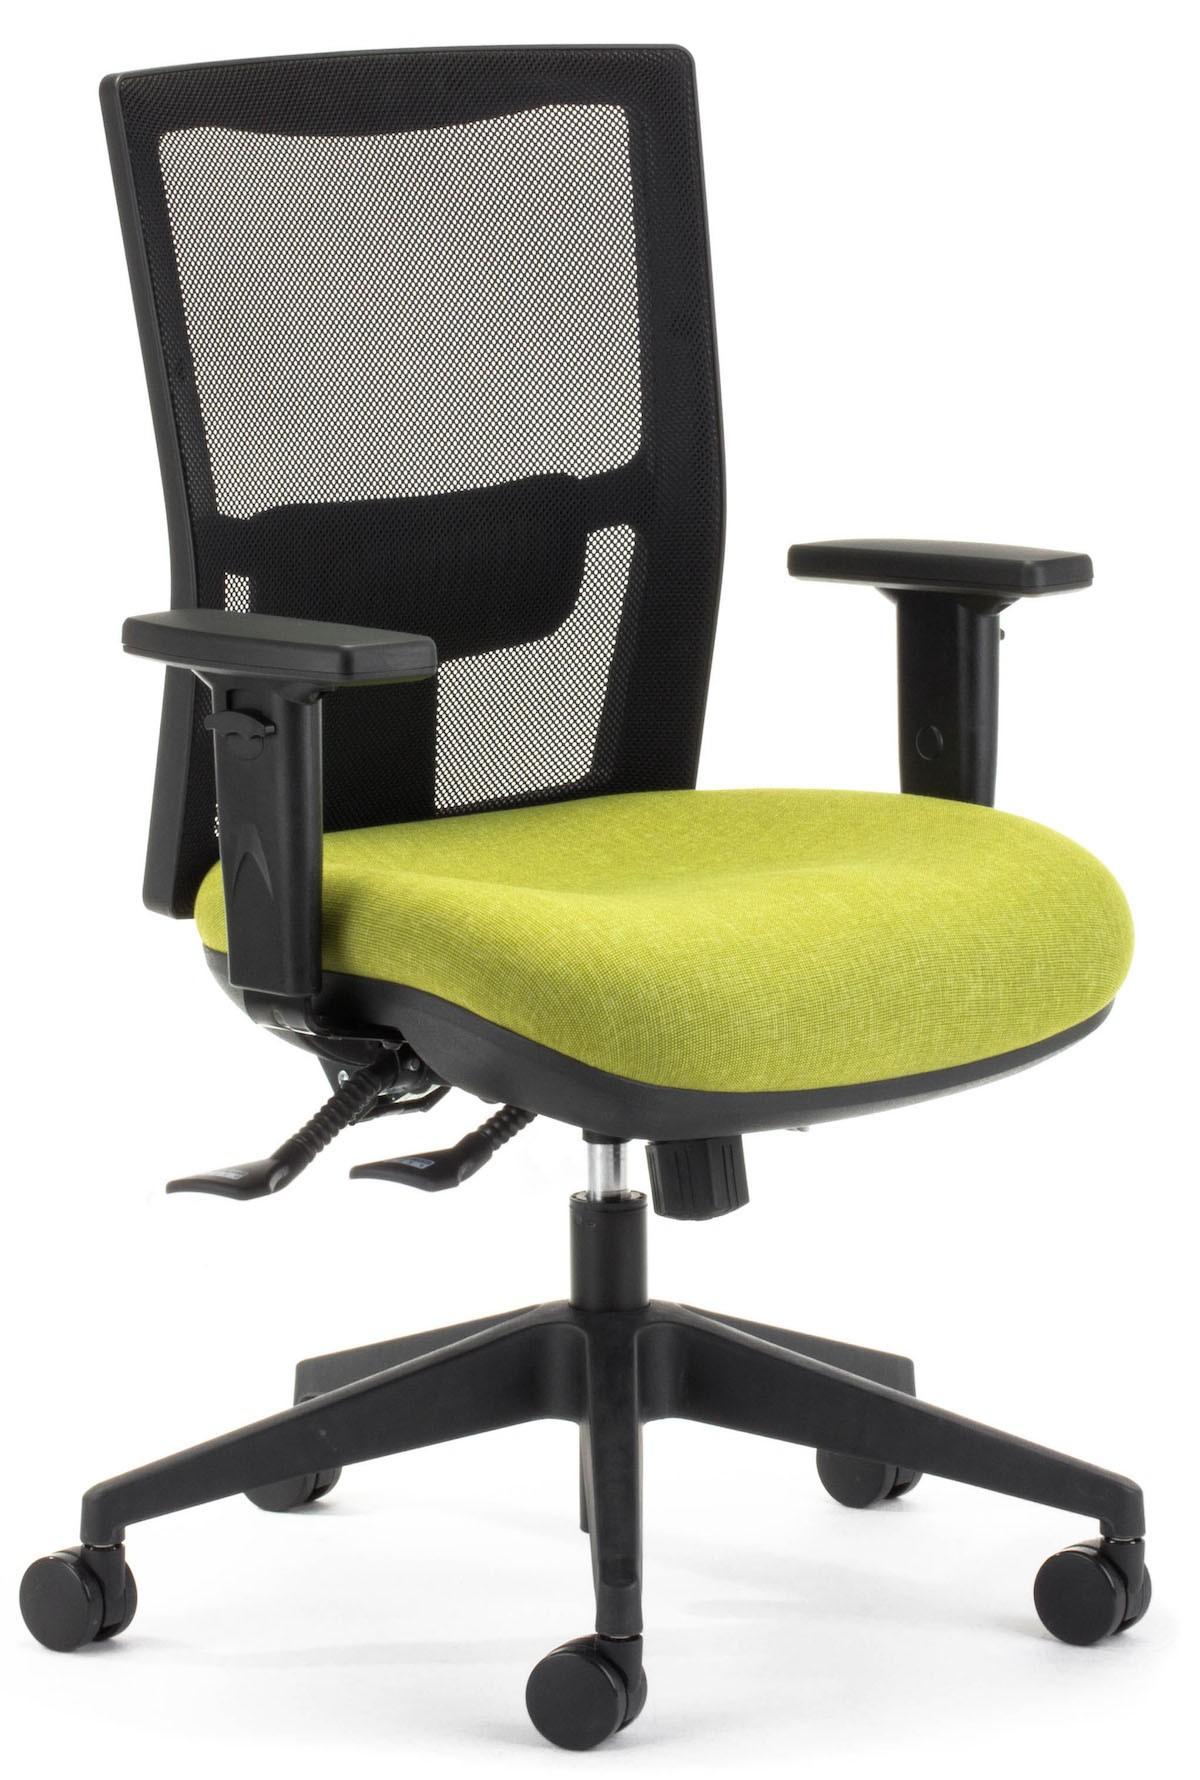 Mesh Chair, Heavy Duty Team-Air